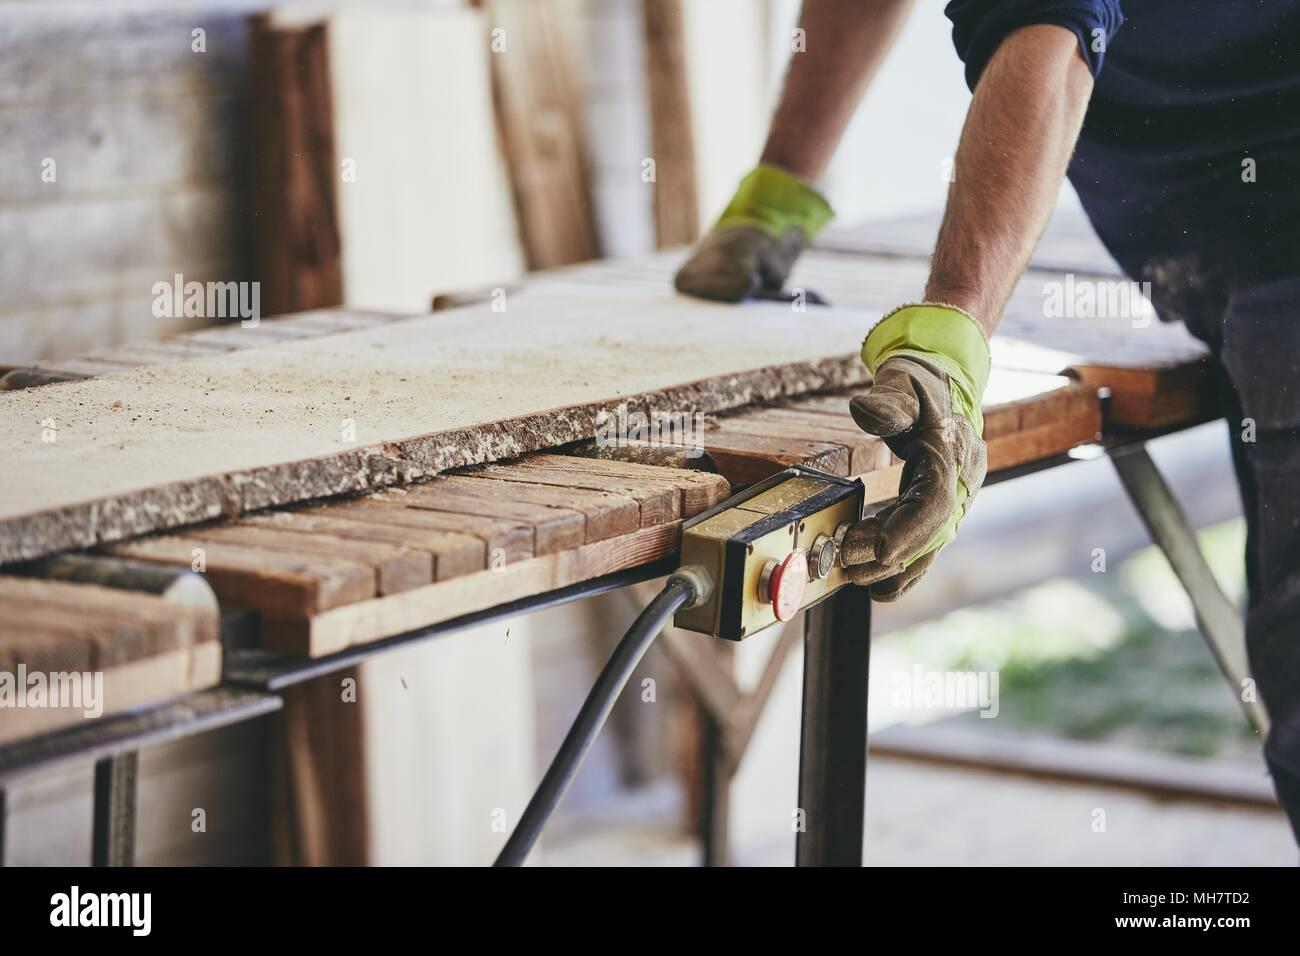 Uomo che lavora in segheria. Le mani del lavoratore con guanti di protezione. Immagini Stock